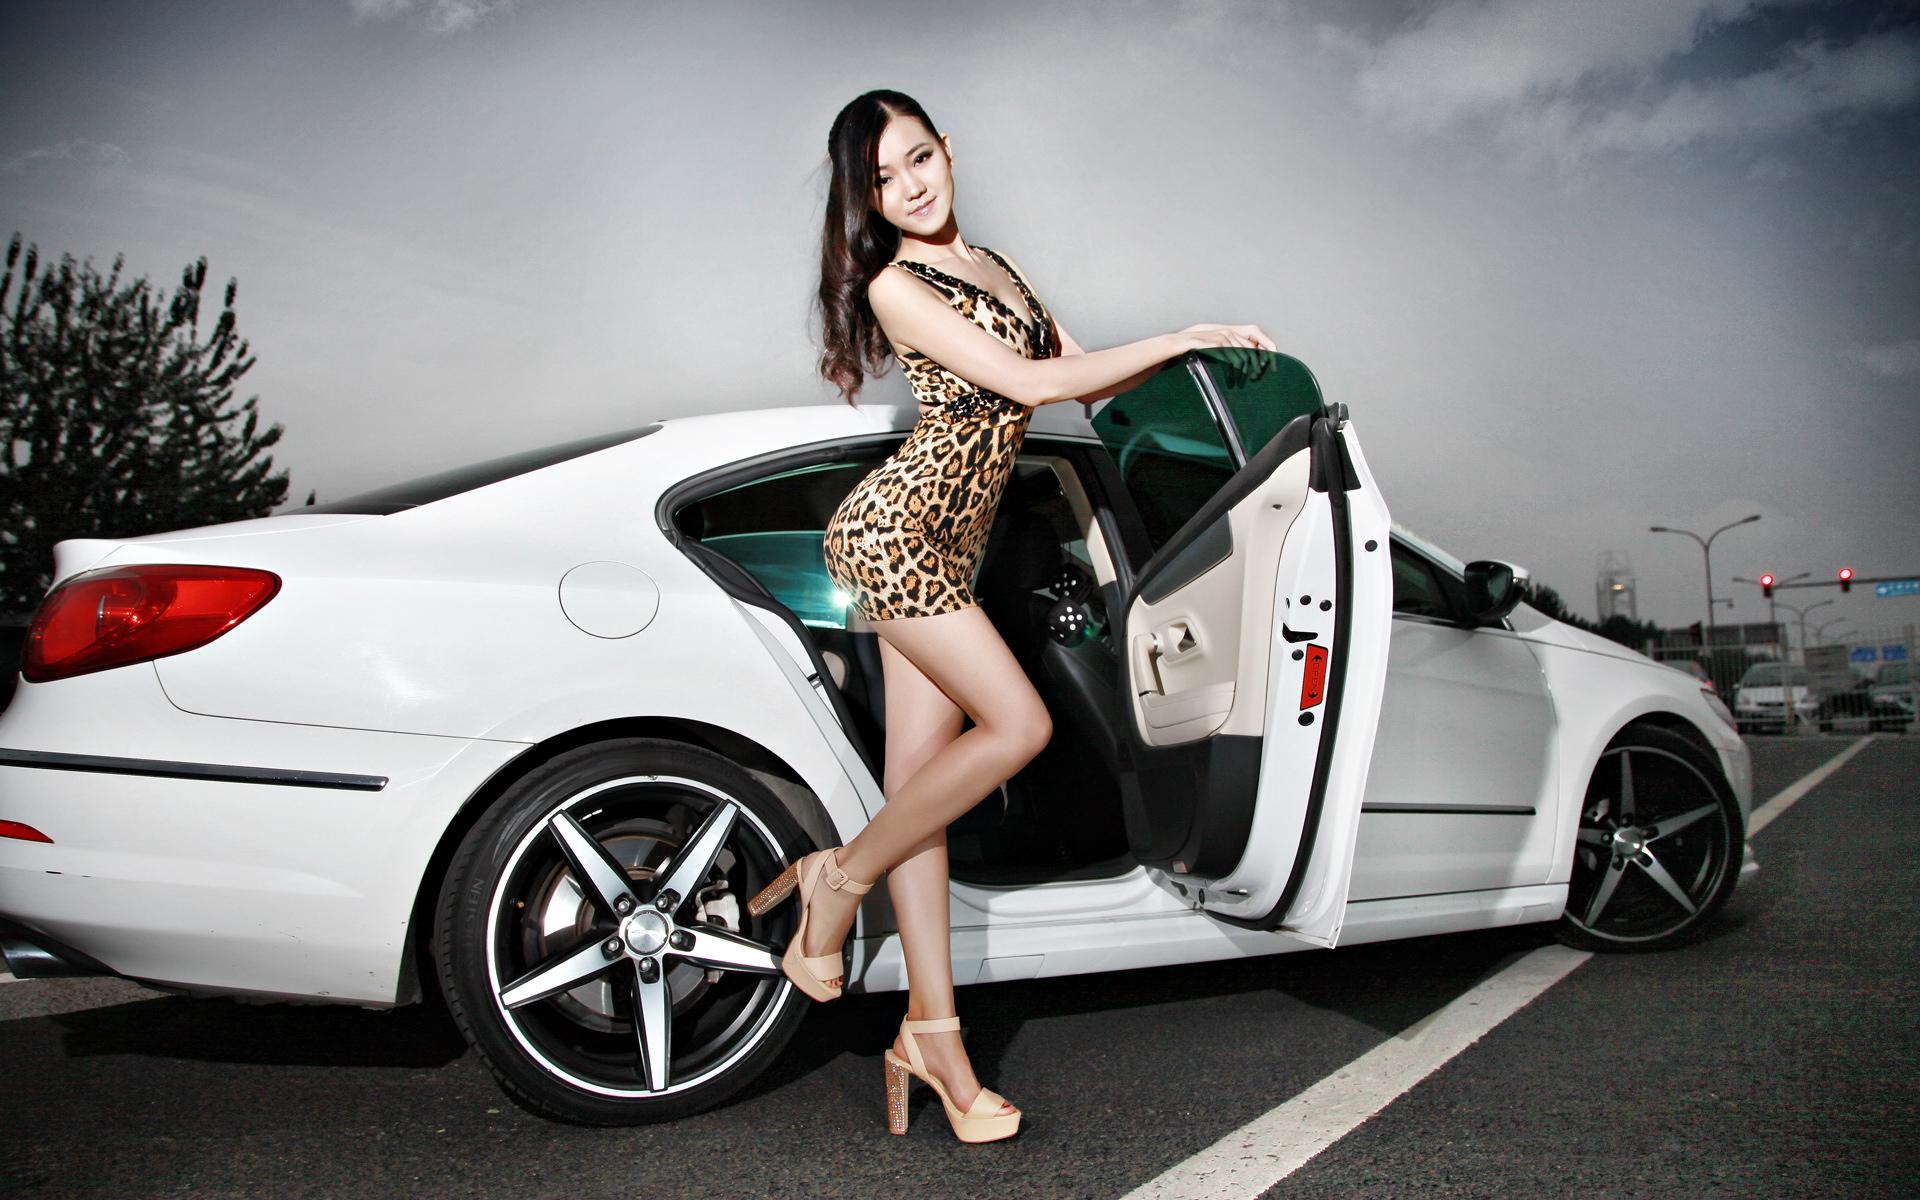 美女车模桌面壁纸--美女车模唯美桌面壁纸下载